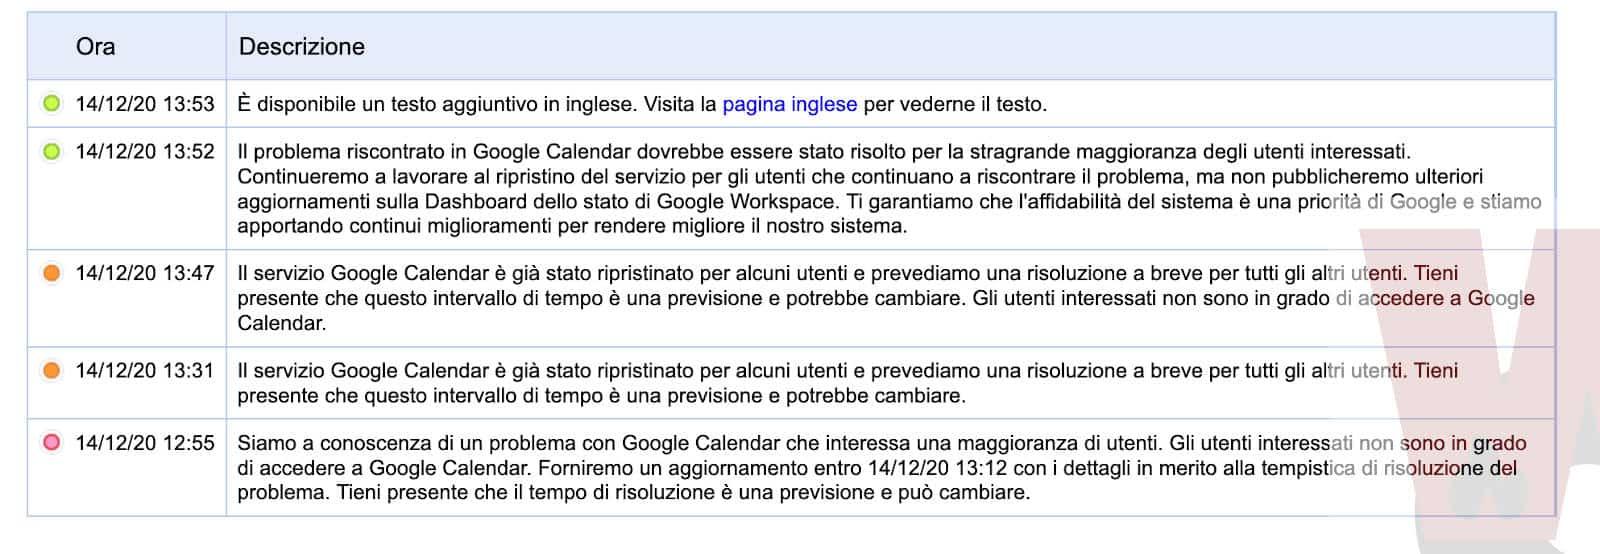 dashboard servizi Google dettaglio stato